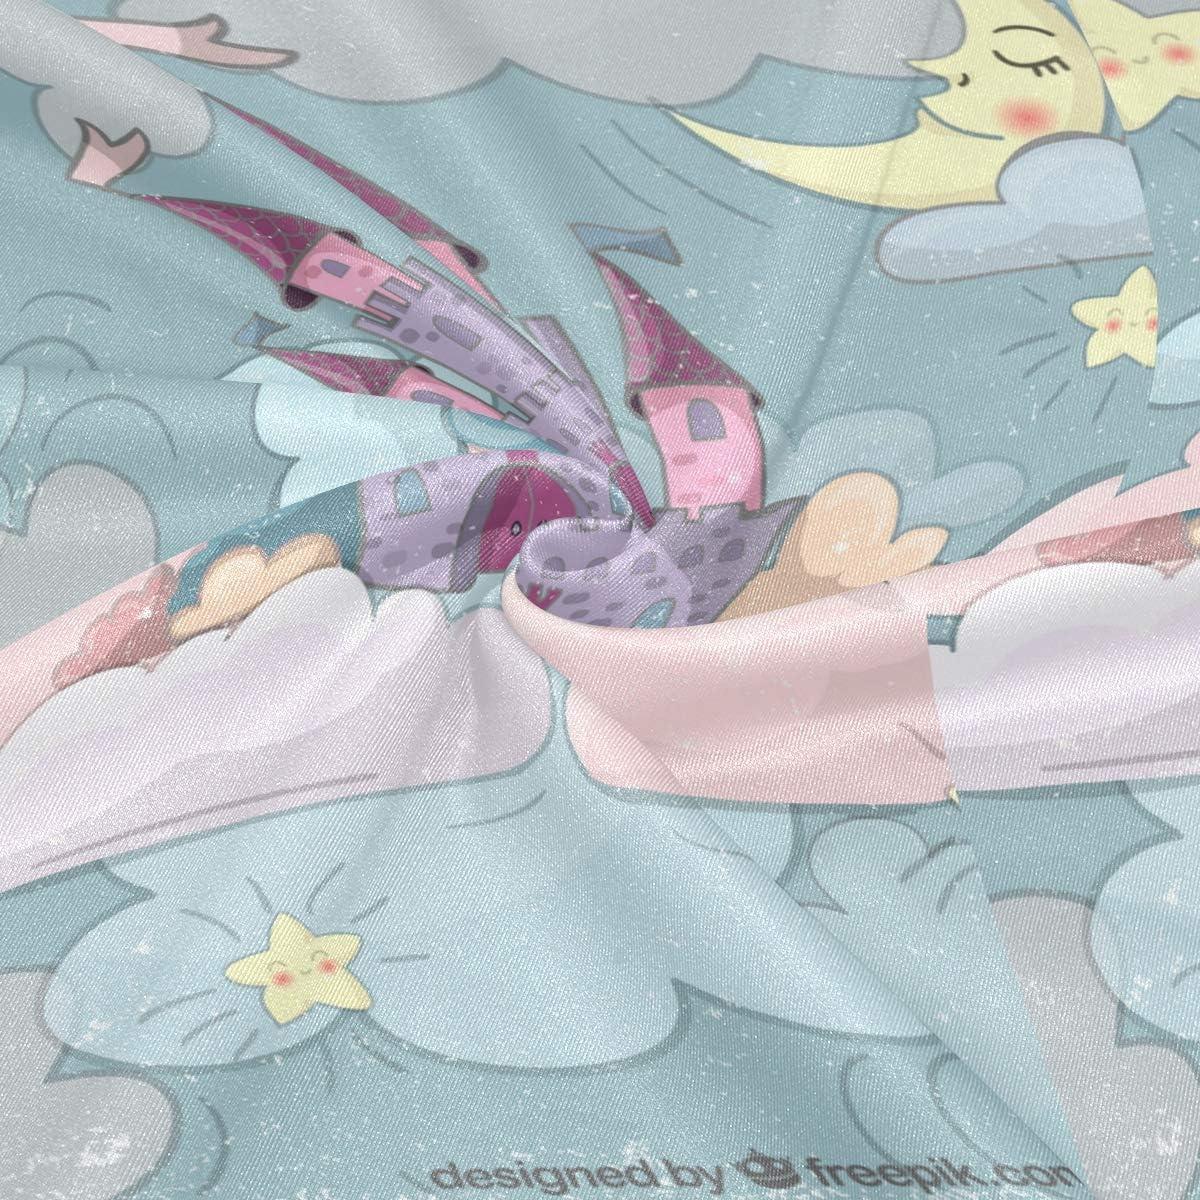 Arilce Hand Drawn Fairytale Castle,3D Pattern Sweaters Fashion Hoodies Sweatshirts Unisex,Men Women Boy Girl Kid Youth